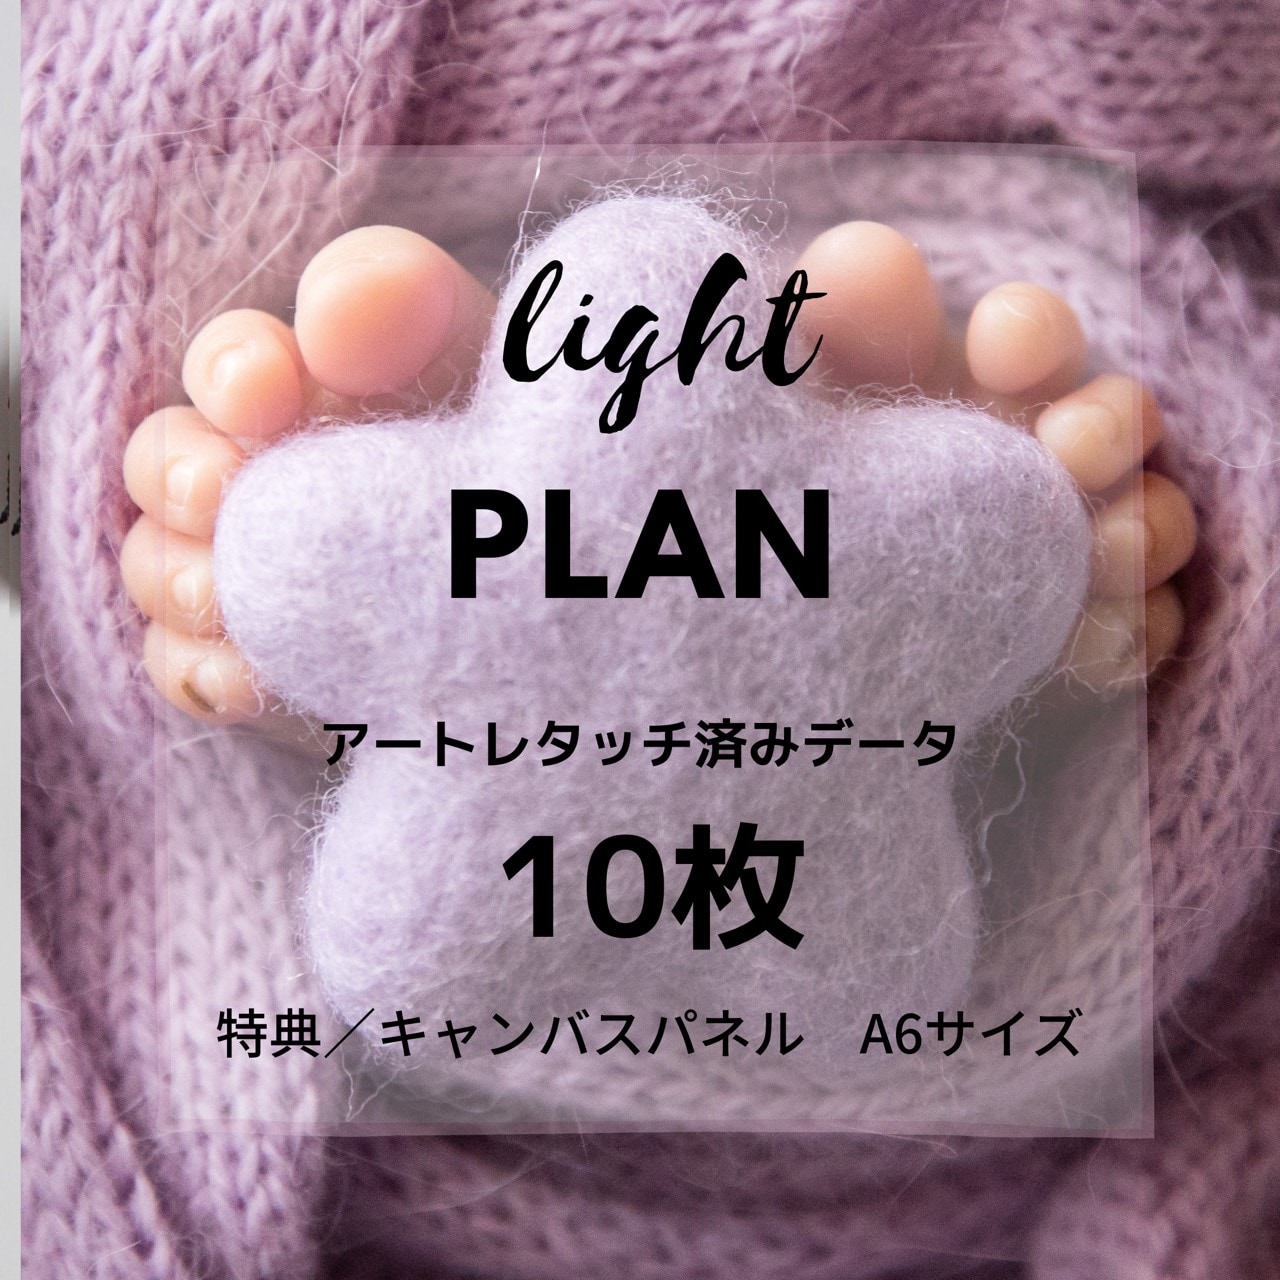 出産祝いにおすすめのライトプランニューボーンフォト東京新宿